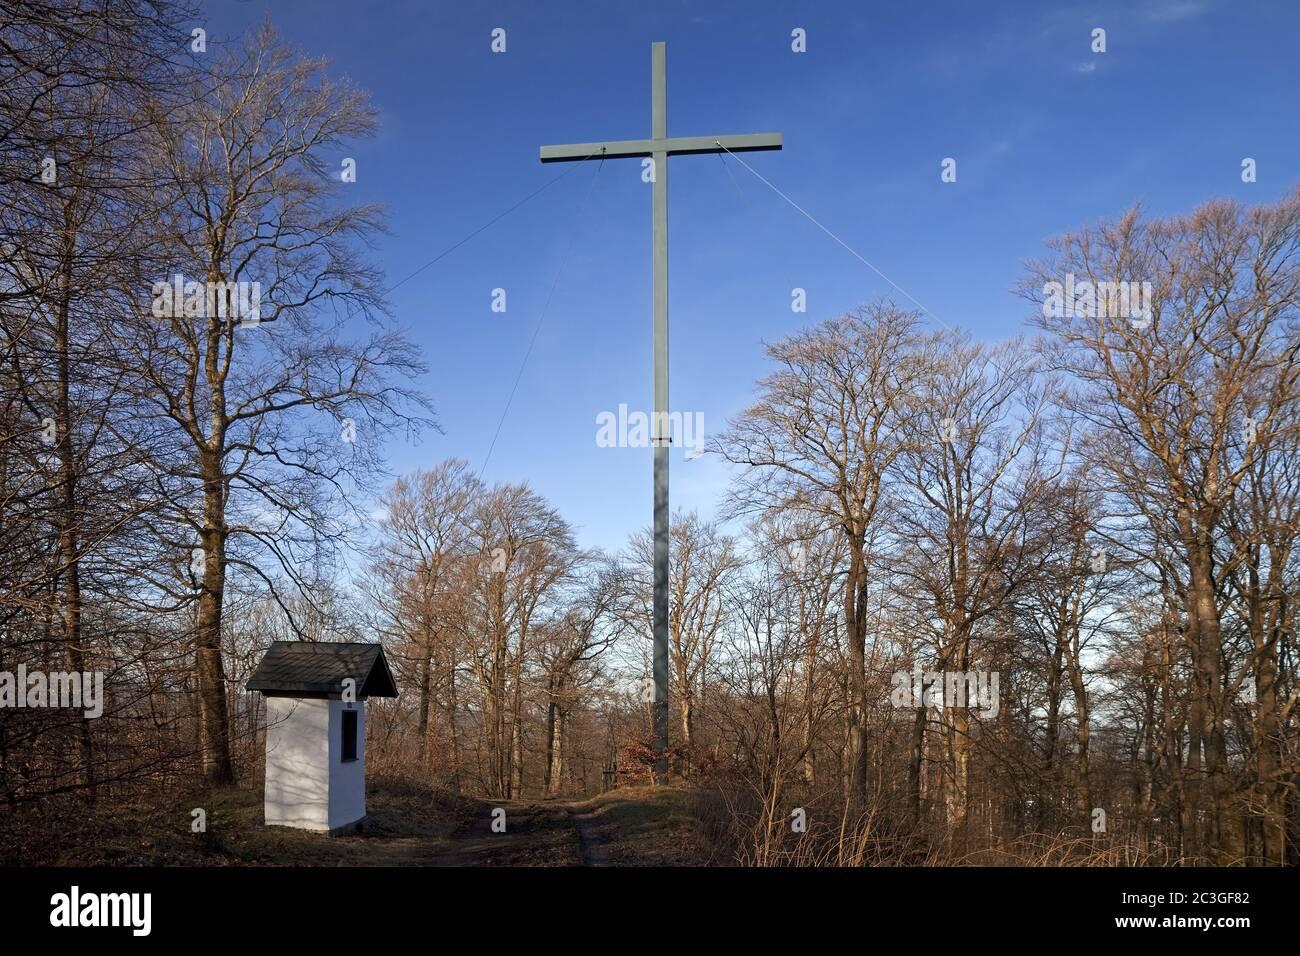 Nouvelle croix haute sur le Wilzenberg, lieu de pèlerinage, Grafschaft, Schmallenberg, Allemagne, Europe Banque D'Images